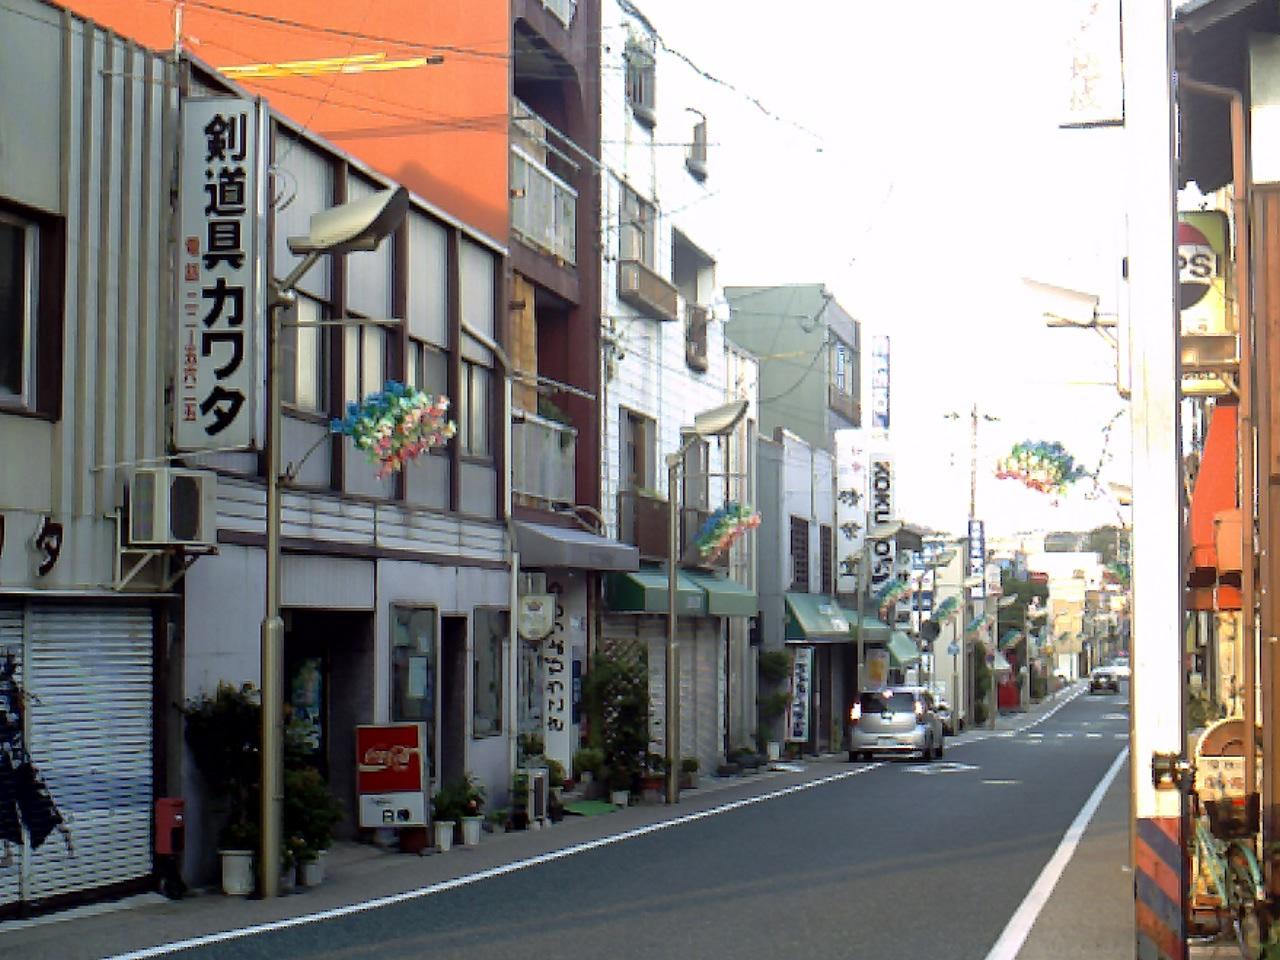 08-8二川宿本陣・多治見夏街 012.jpg